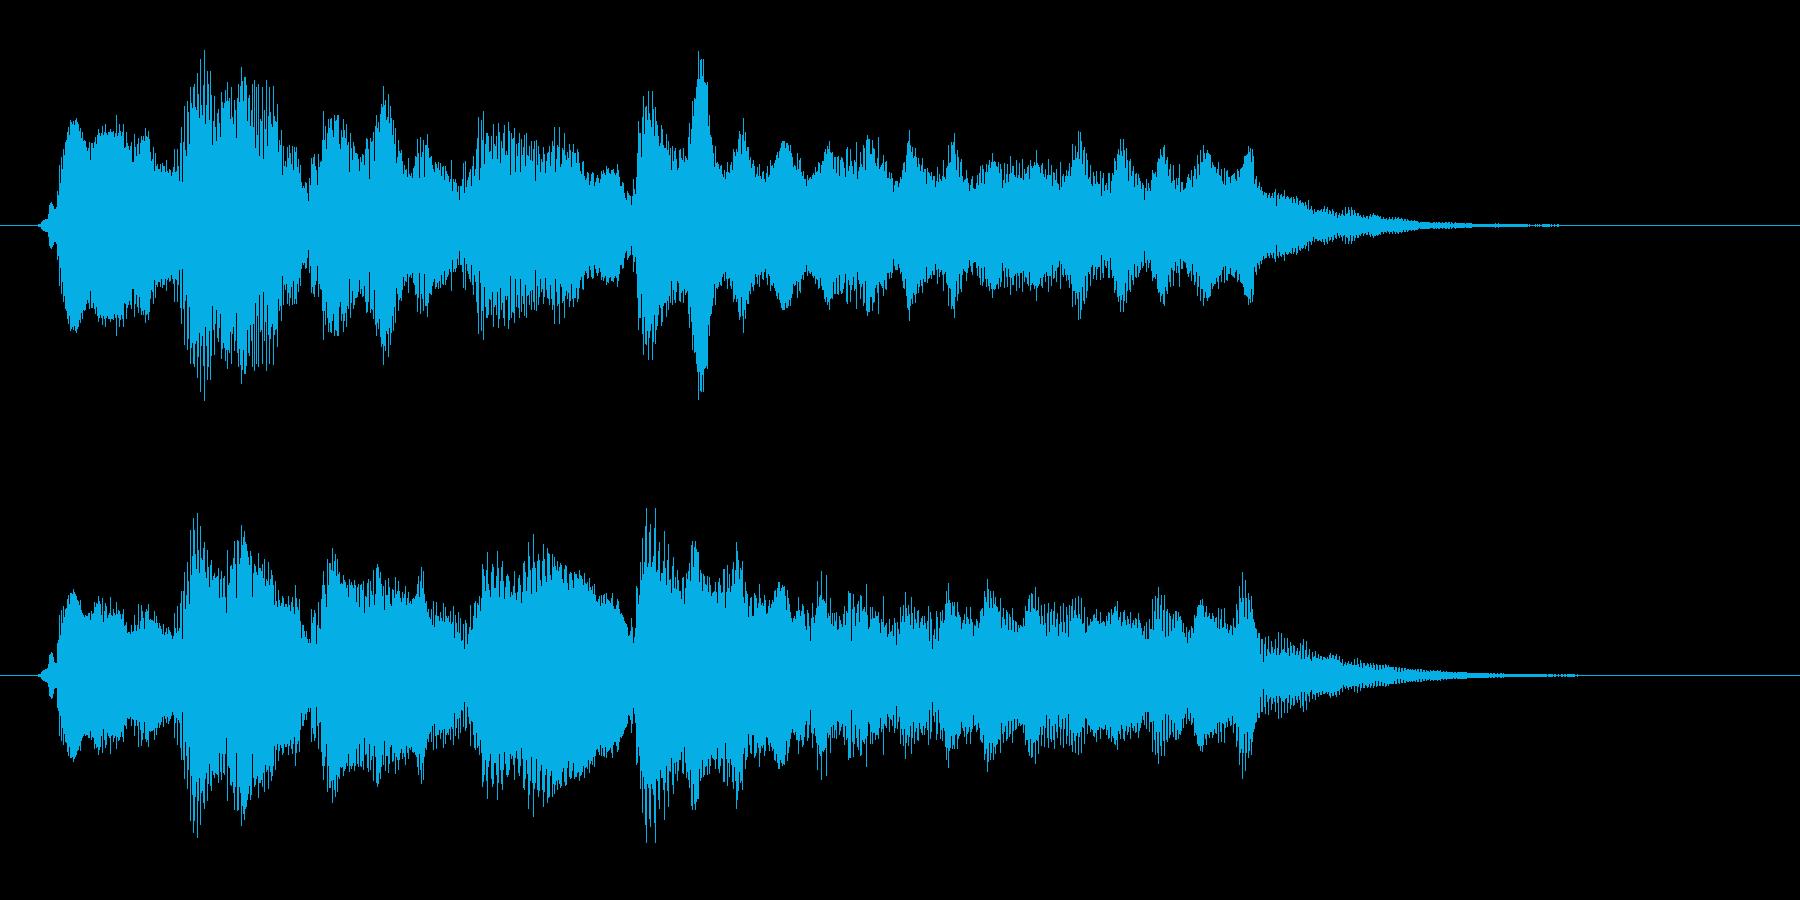 ゲームオーバー 安らぎの再生済みの波形